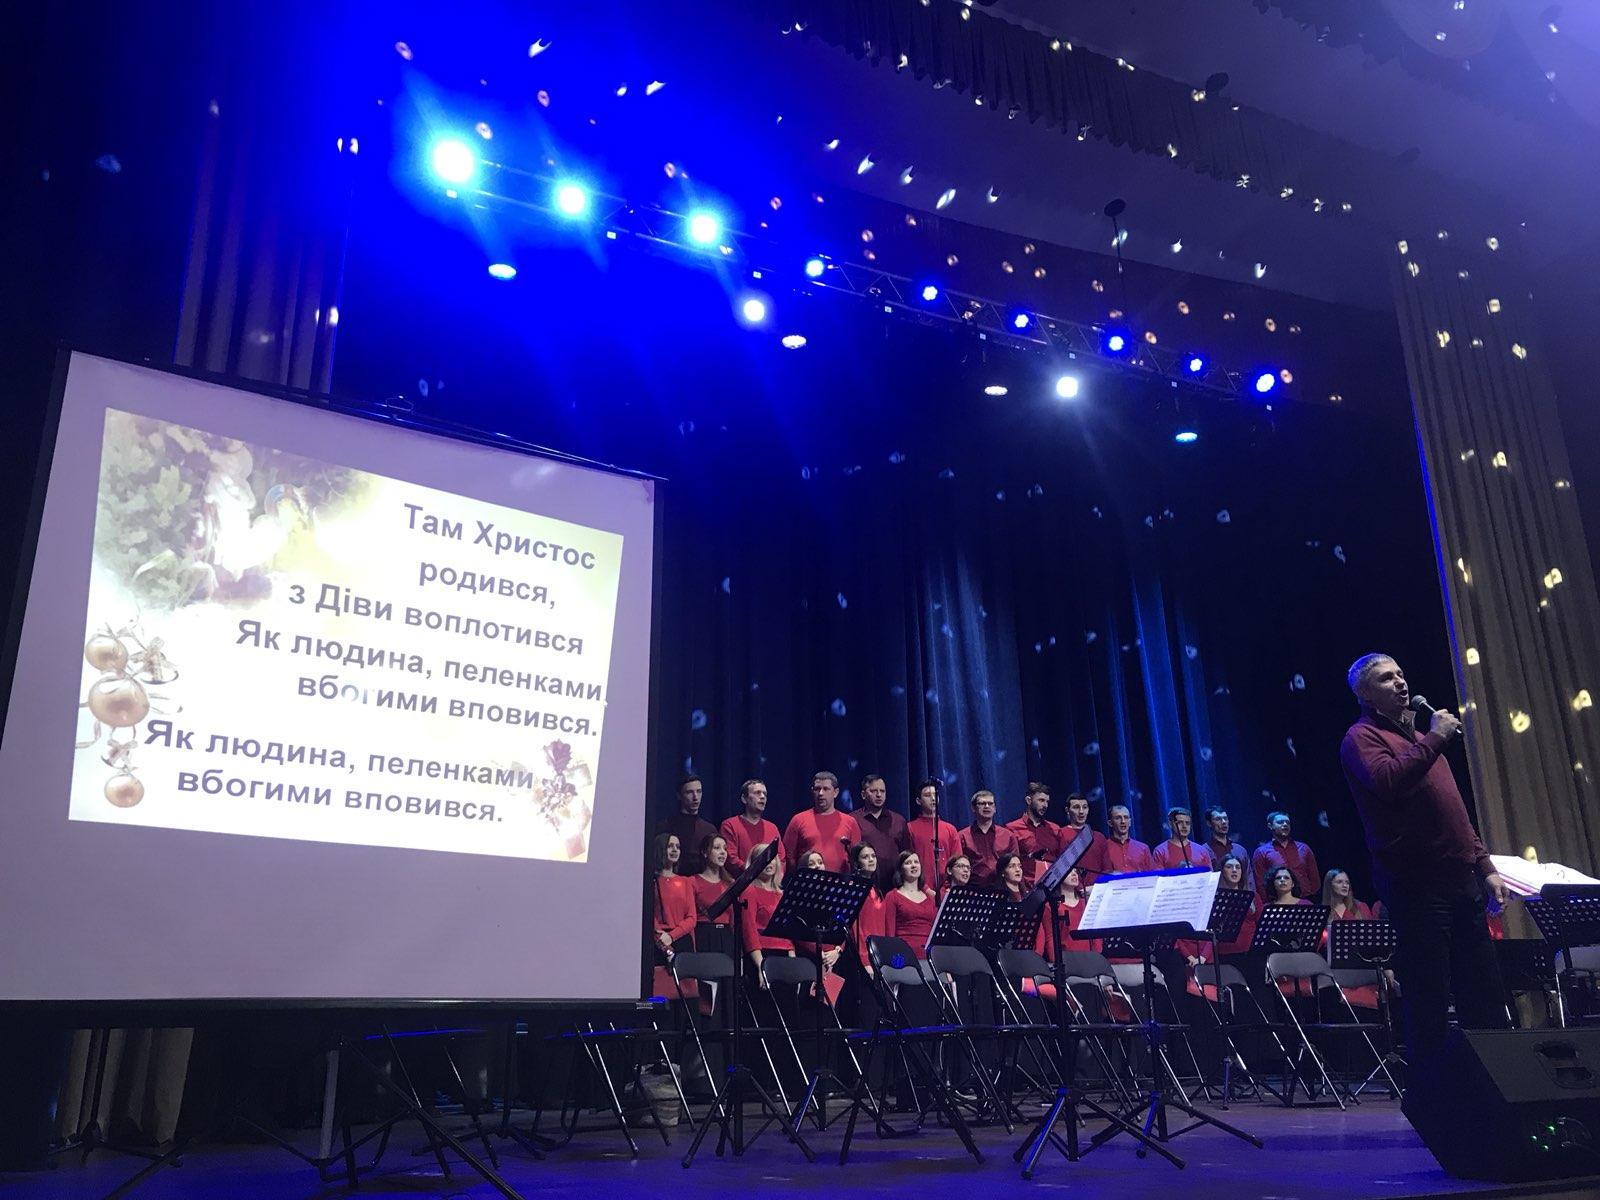 """""""Велика різдвяна подія"""" у Броварах: об'єдналися для допомоги сиротам -  - yzobrazhenye viber 2019 12 24 12 35 00"""